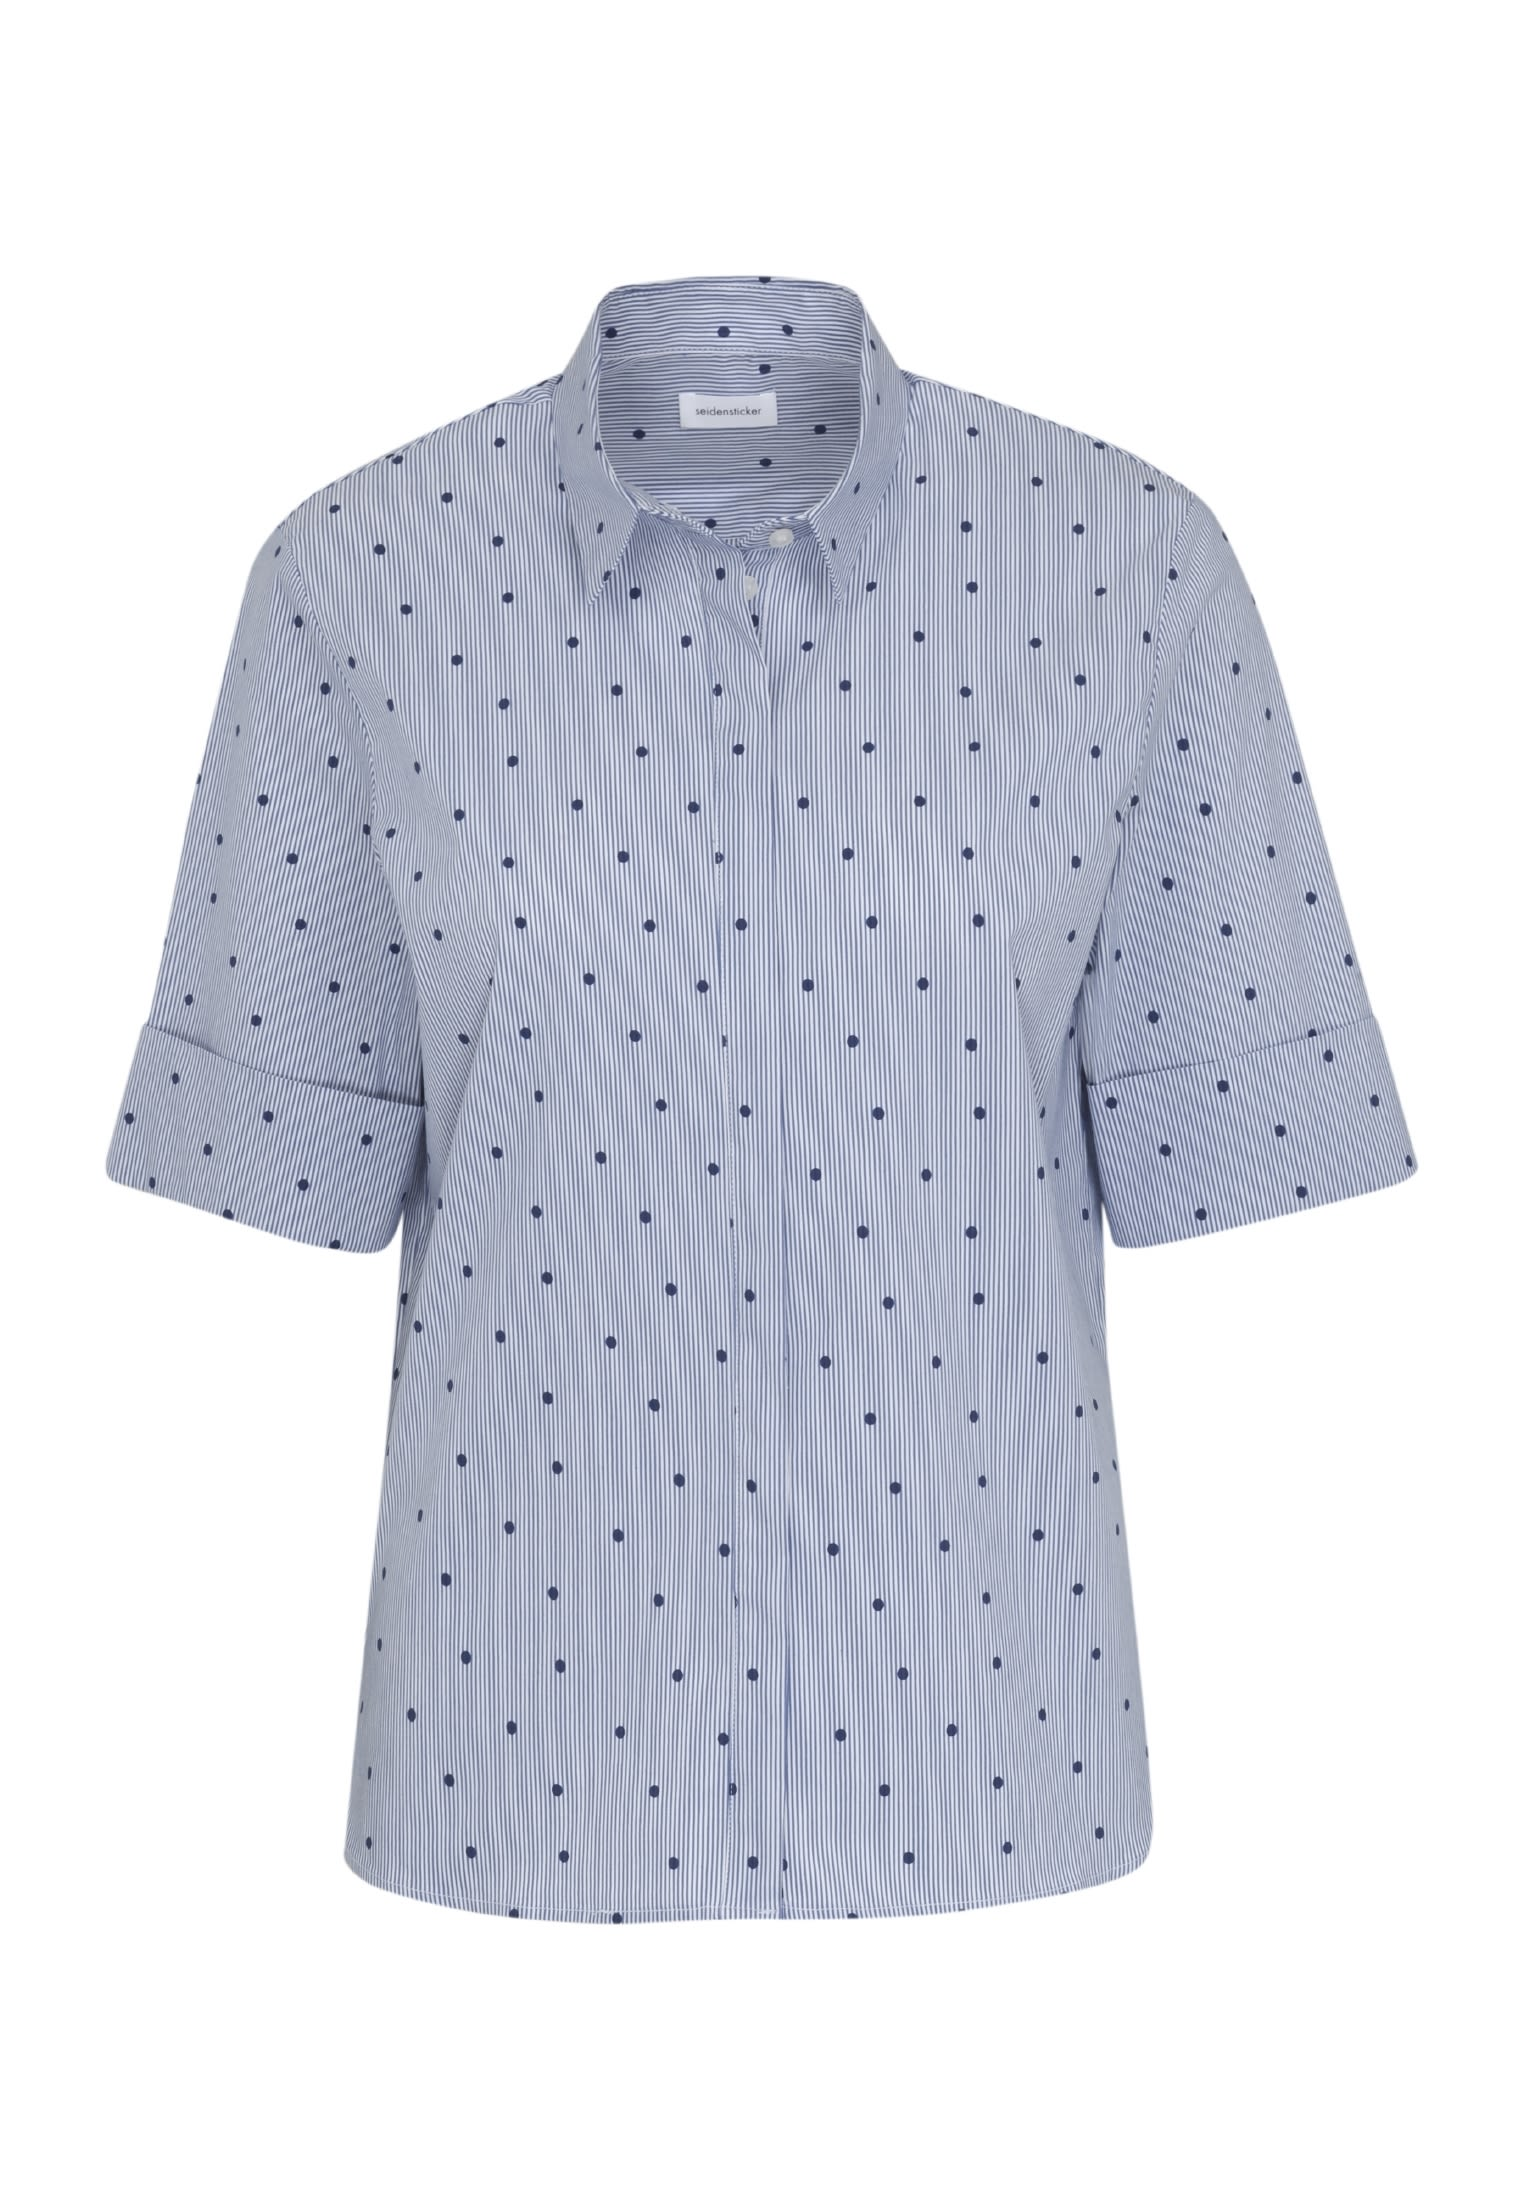 Kurzarm Popeline Hemdbluse aus Baumwollmischung in Dunkelblau |  Seidensticker Onlineshop